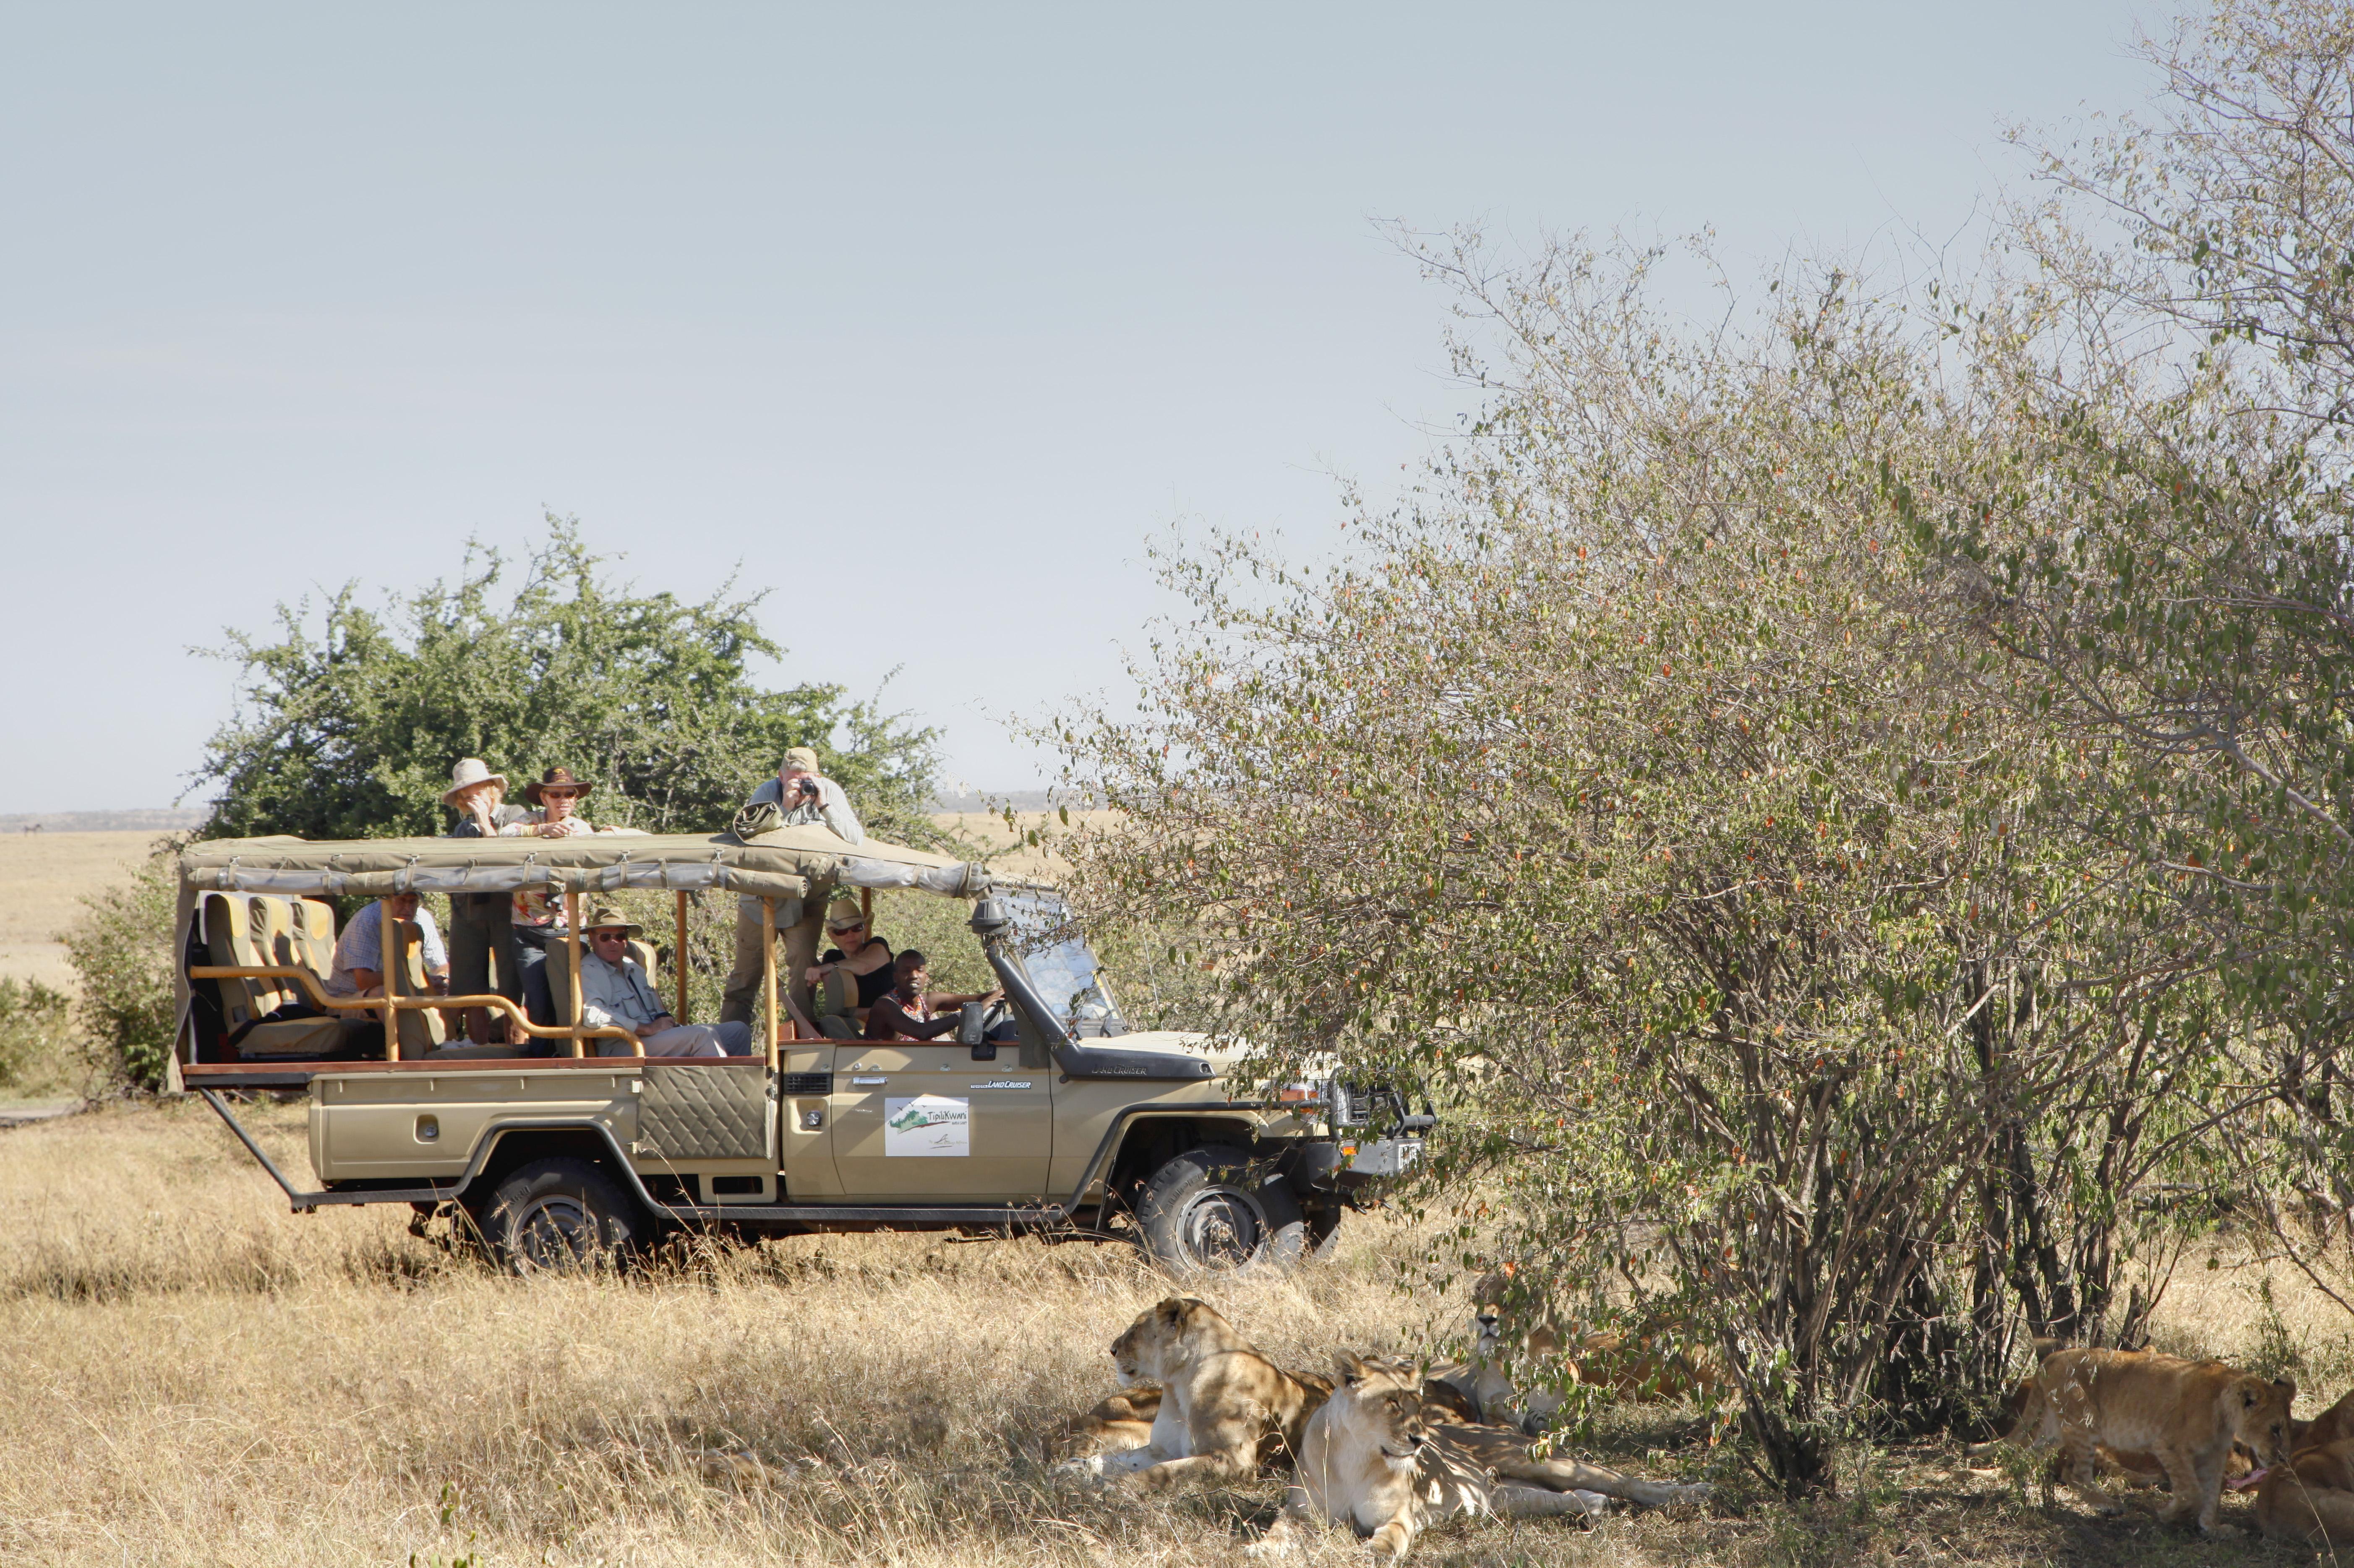 Tipilikwani Mara Camp - Masai Mara (41)